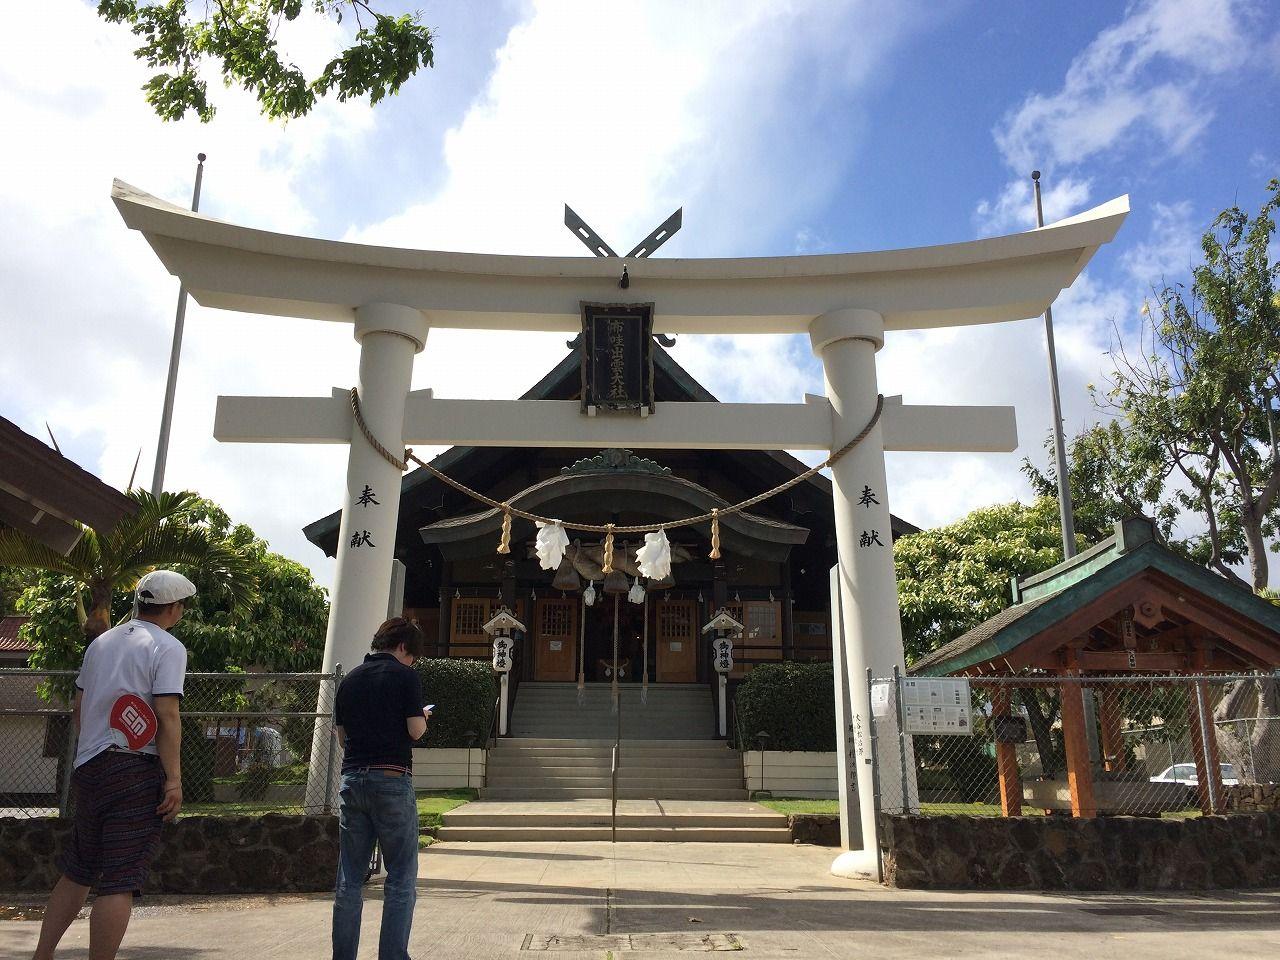 恋に効くパワースポット!ハワイ出雲大社で縁結び祈願をしよう!